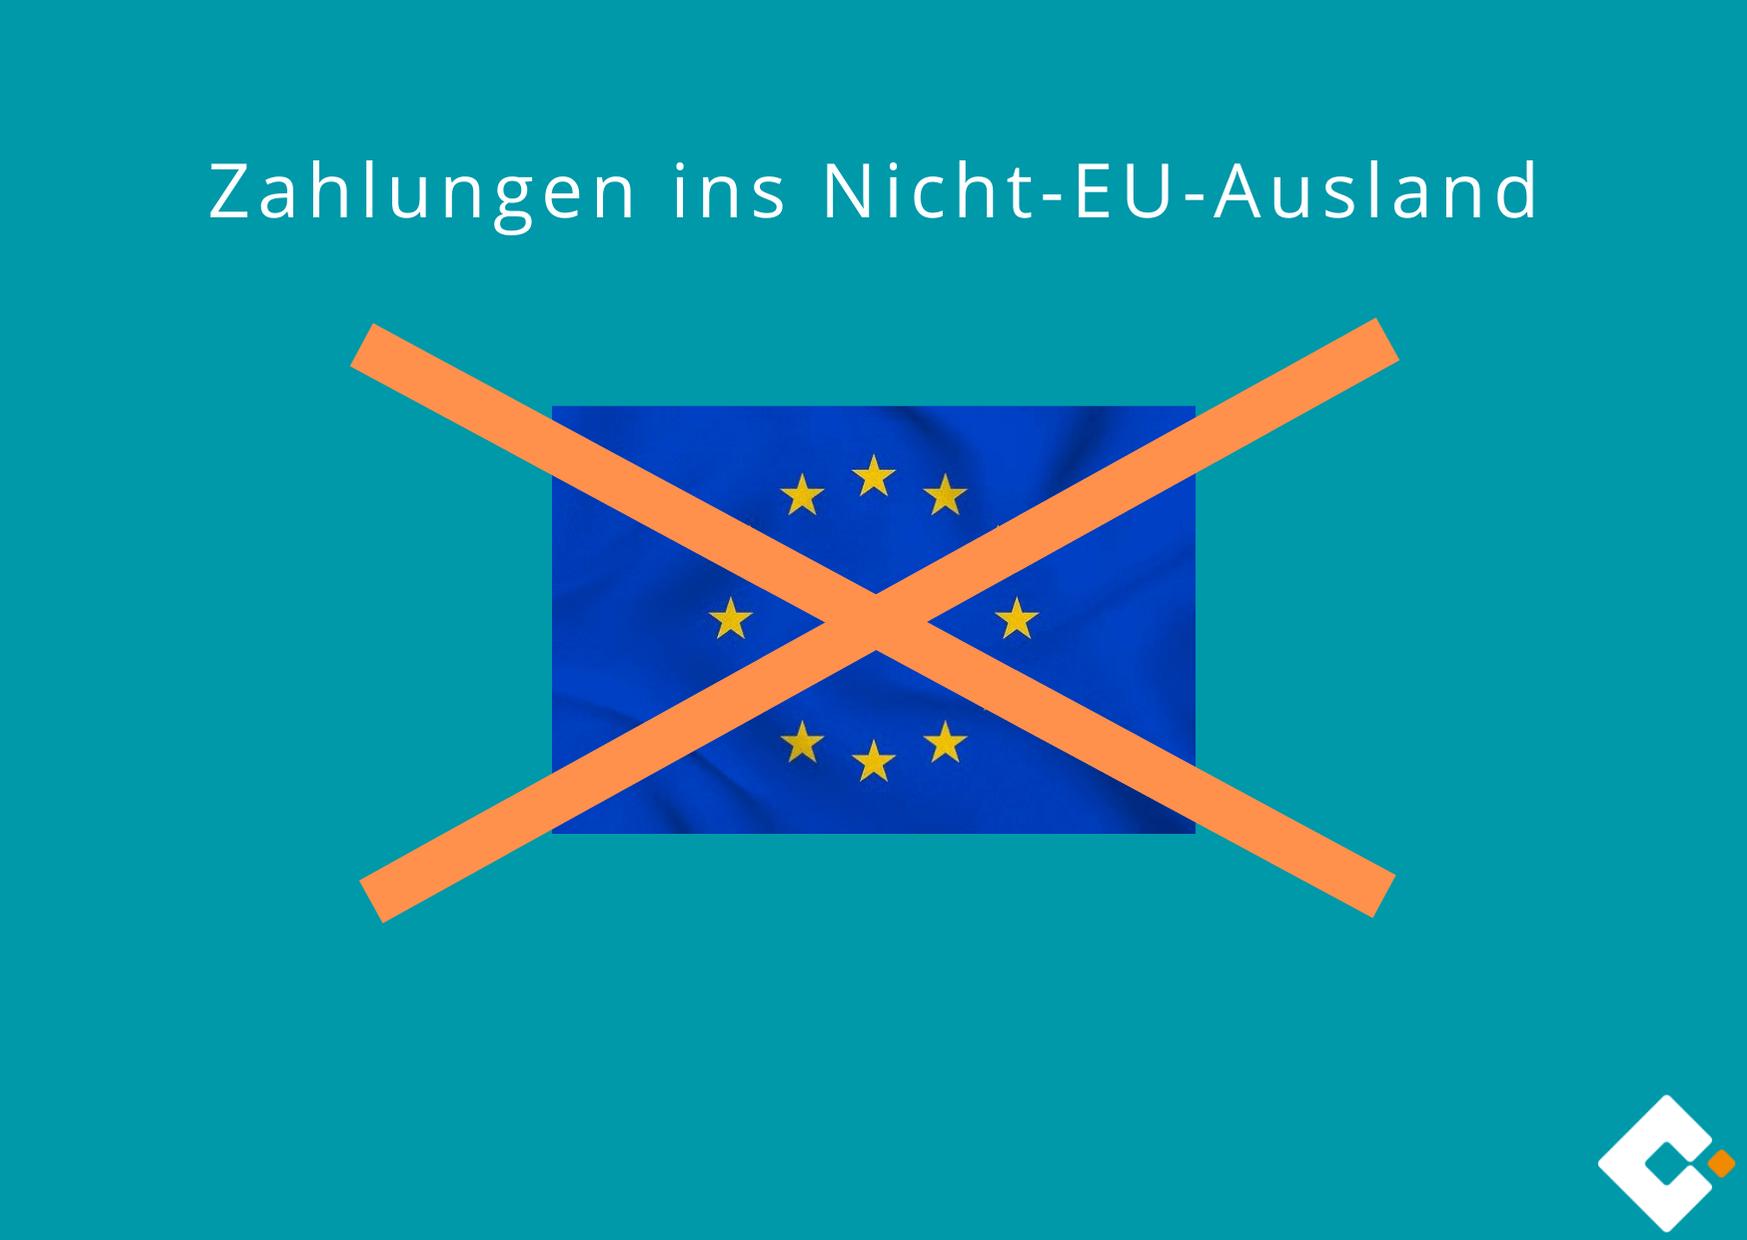 Rechnungsstellung und Zahlungen ins Nicht-EU-Ausland